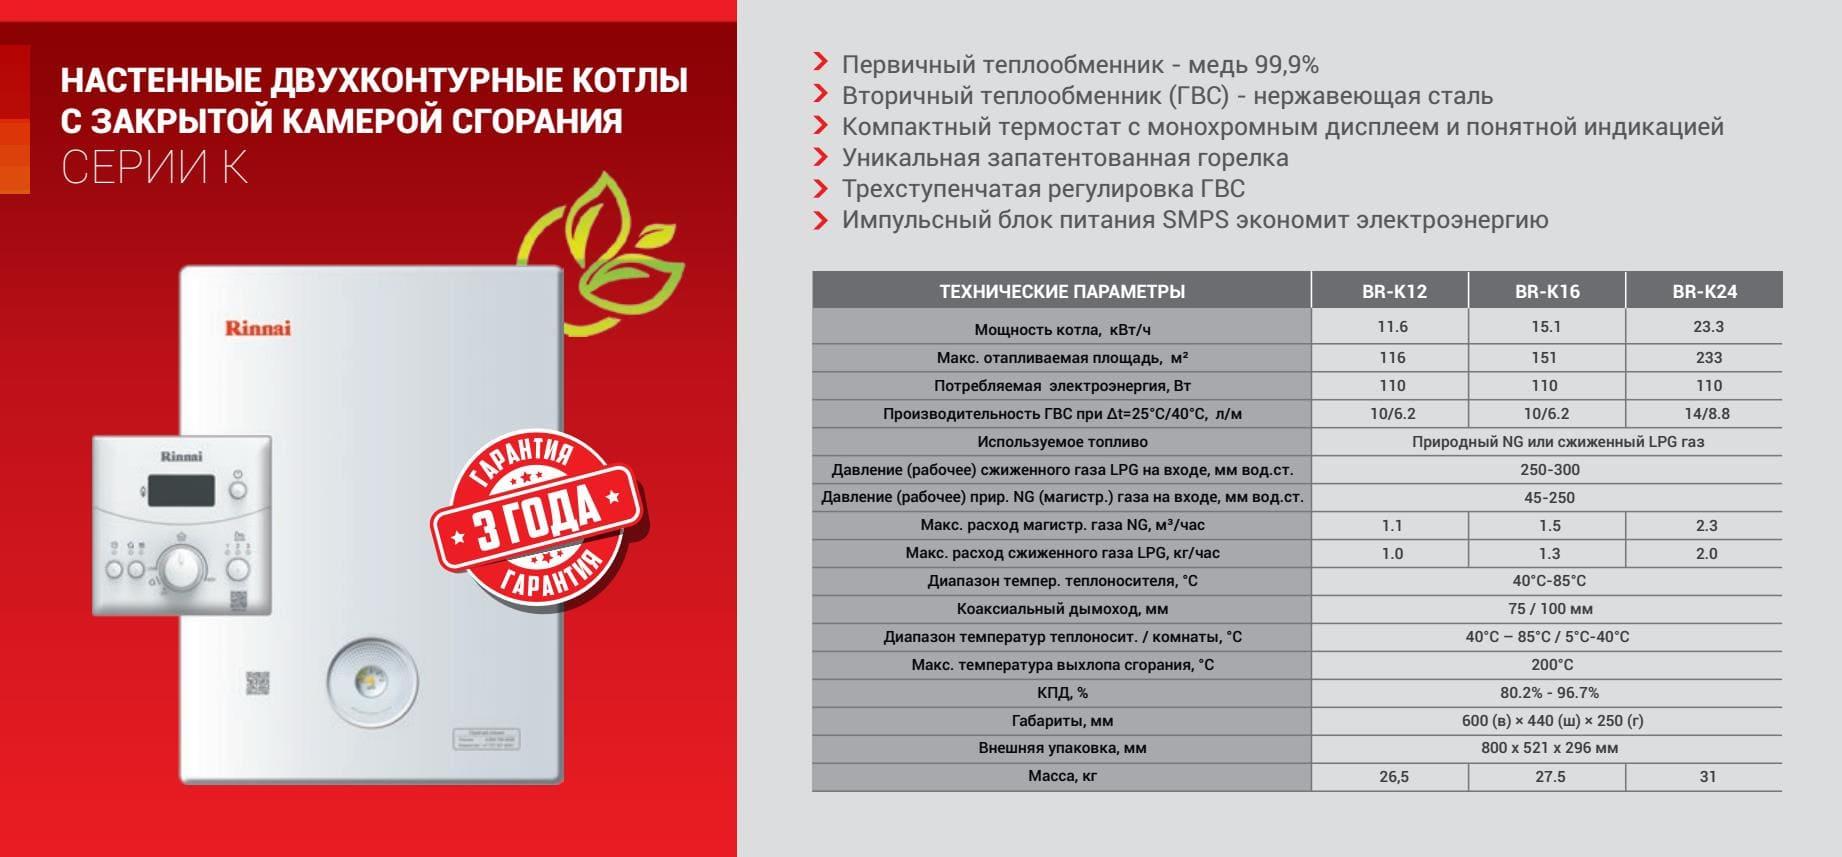 Настенный газовый котел rinnai серии rb для отопления и горячего водоснабжения с принудительным отводом продуктов сгорания (стр. 3 ) | контент-платформа pandia.ru